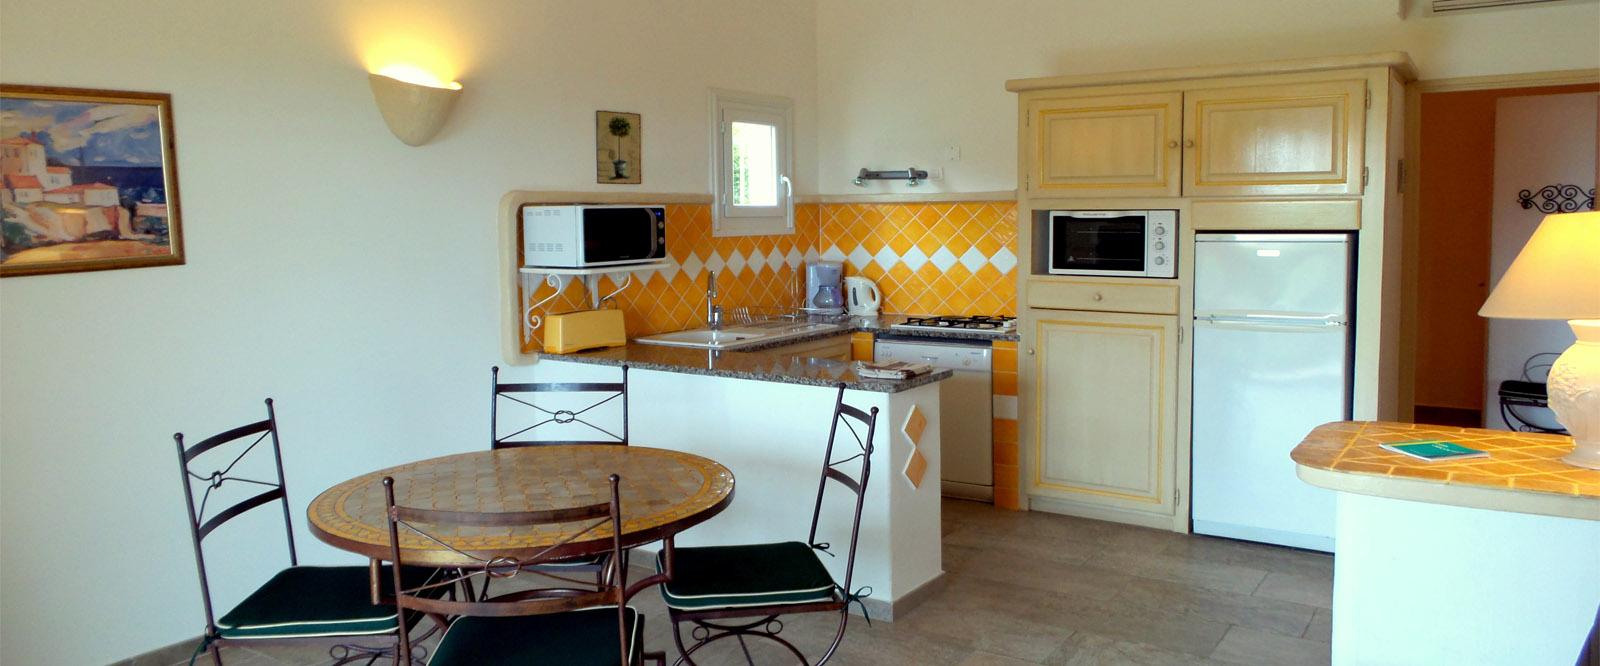 Séjour des villas à Pinarello